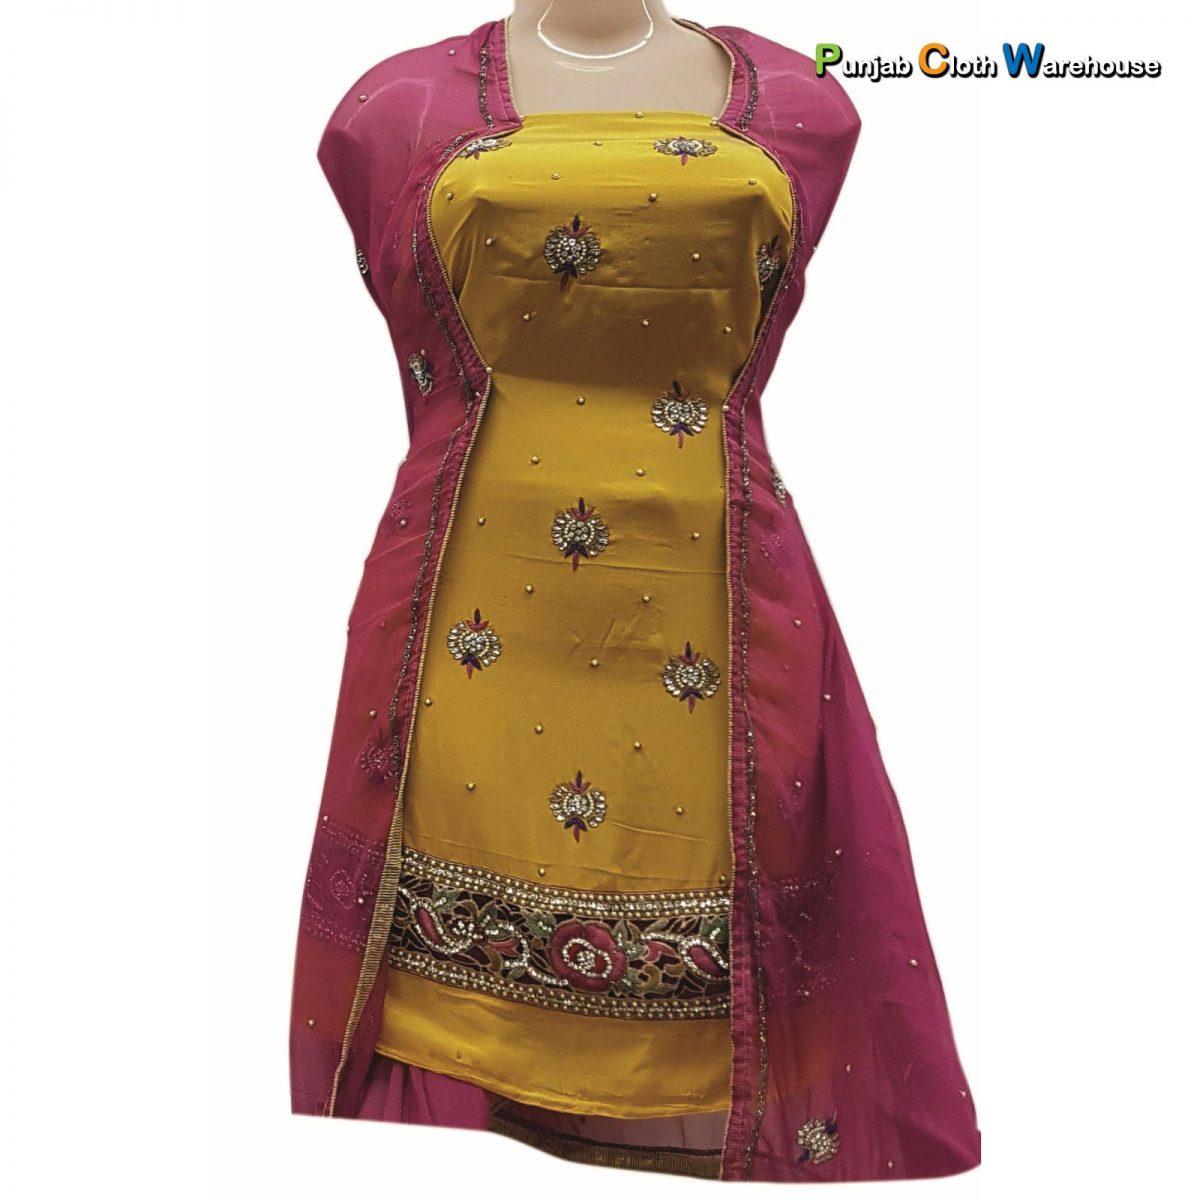 Ladies Suits - Cut Piece - Punjab Cloth Warehouse, Surrey (15)